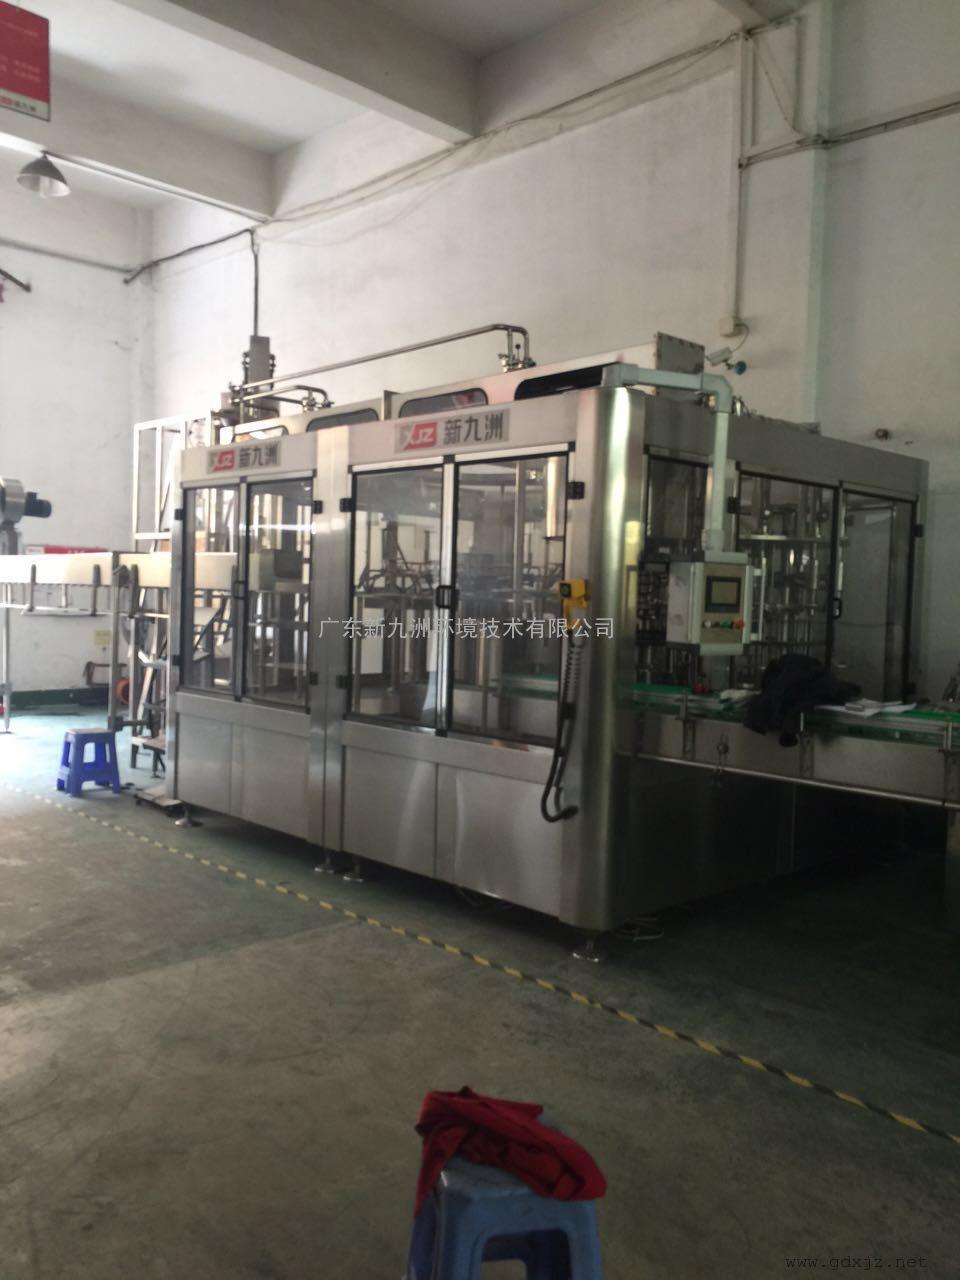 弱碱水水处理设备|弱碱水生产线|弱碱水设备